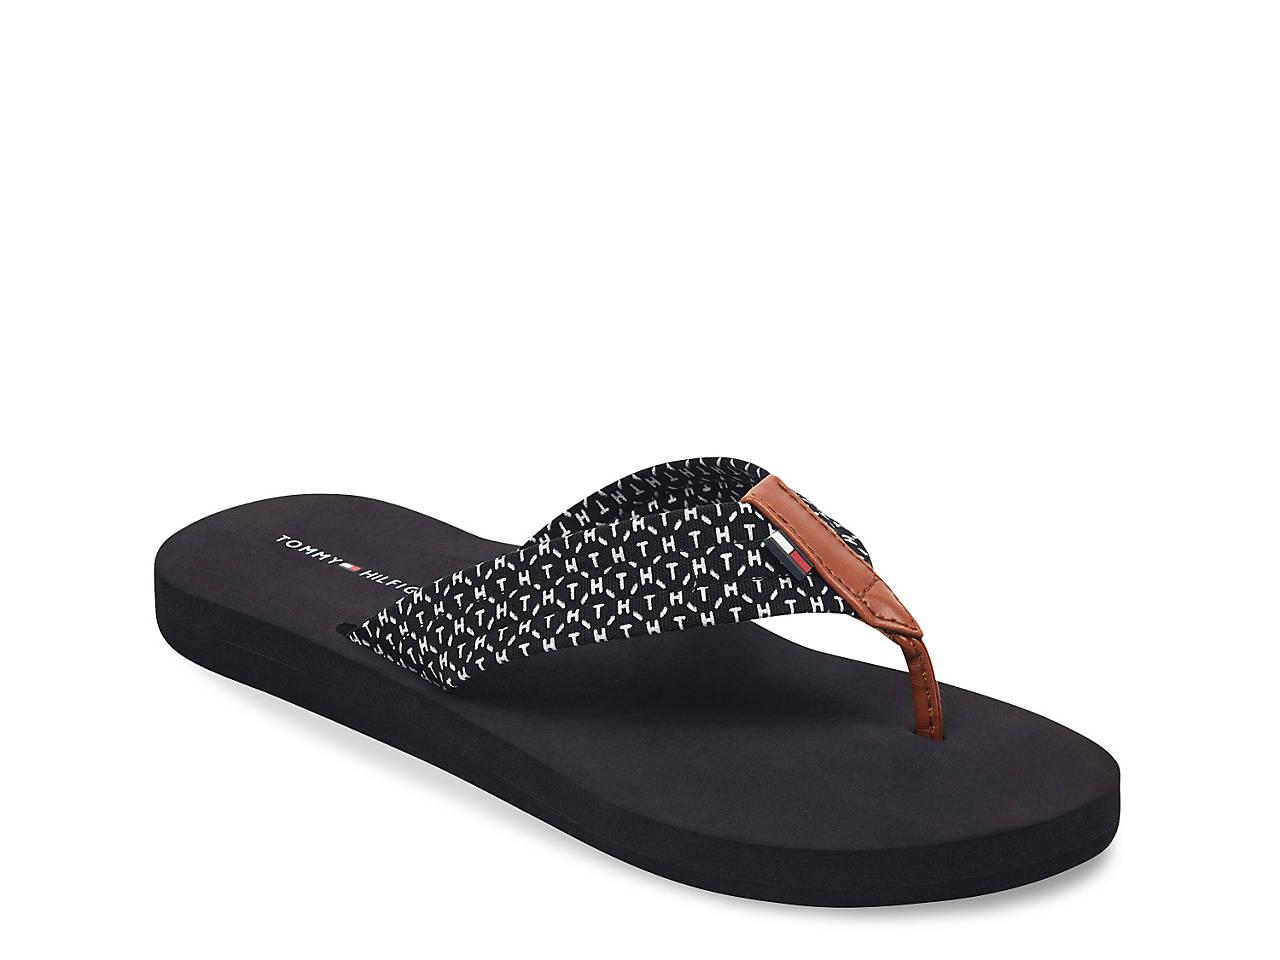 26c7a4a9c Tommy Hilfiger Cursive Flip Flop Women s Shoes